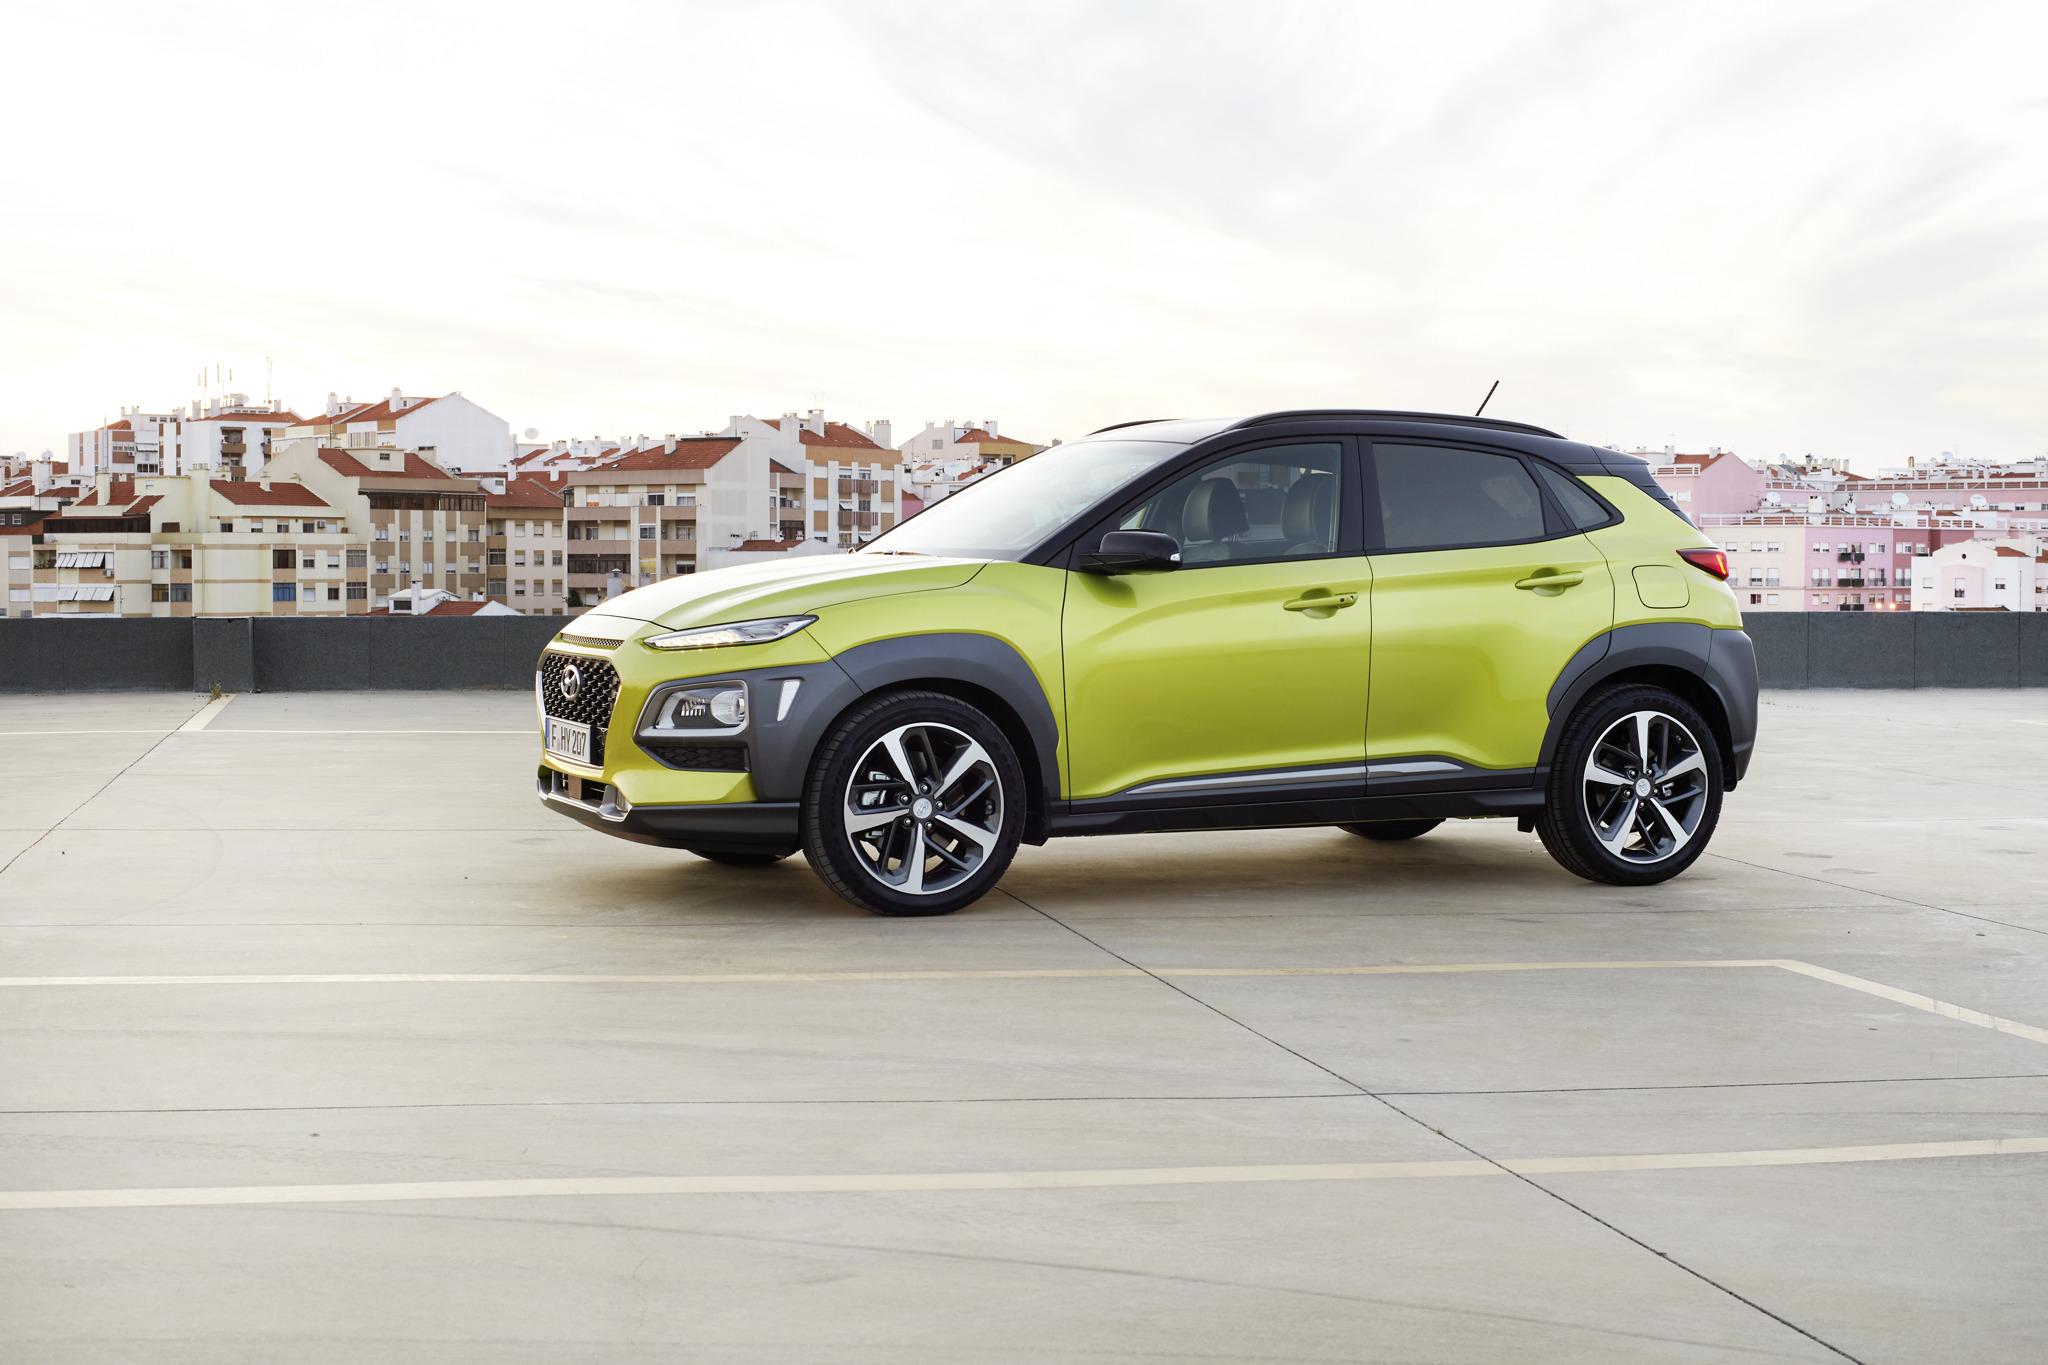 Hyundai Kona Fiche Technique >> All New Hyundai Kona